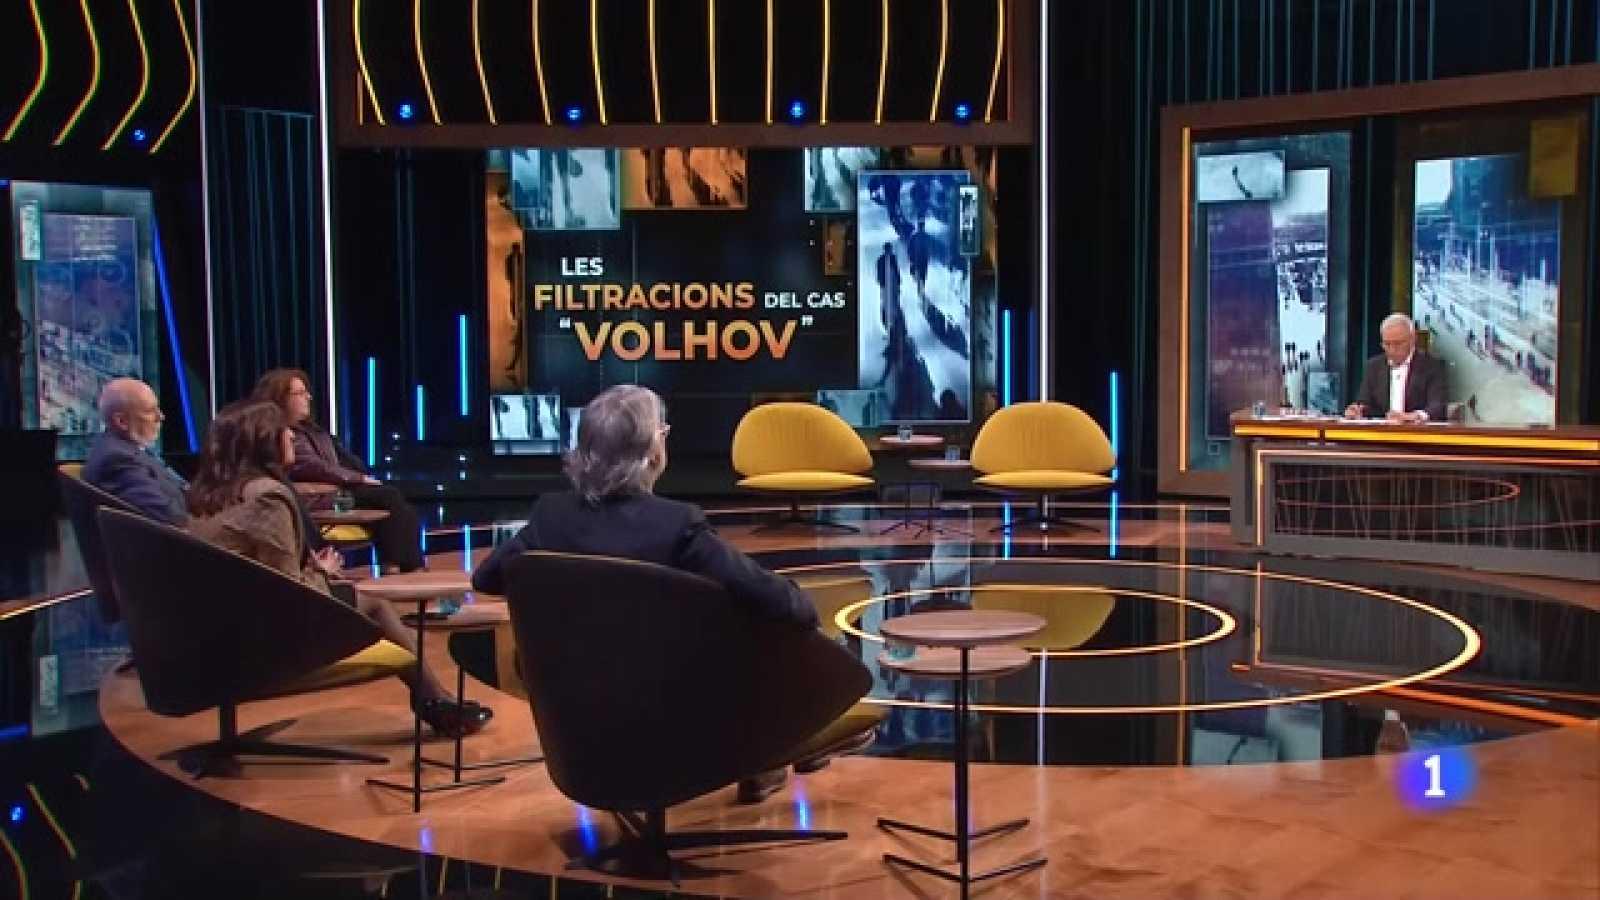 Obrim fil - Les filtracions del cas Volhov